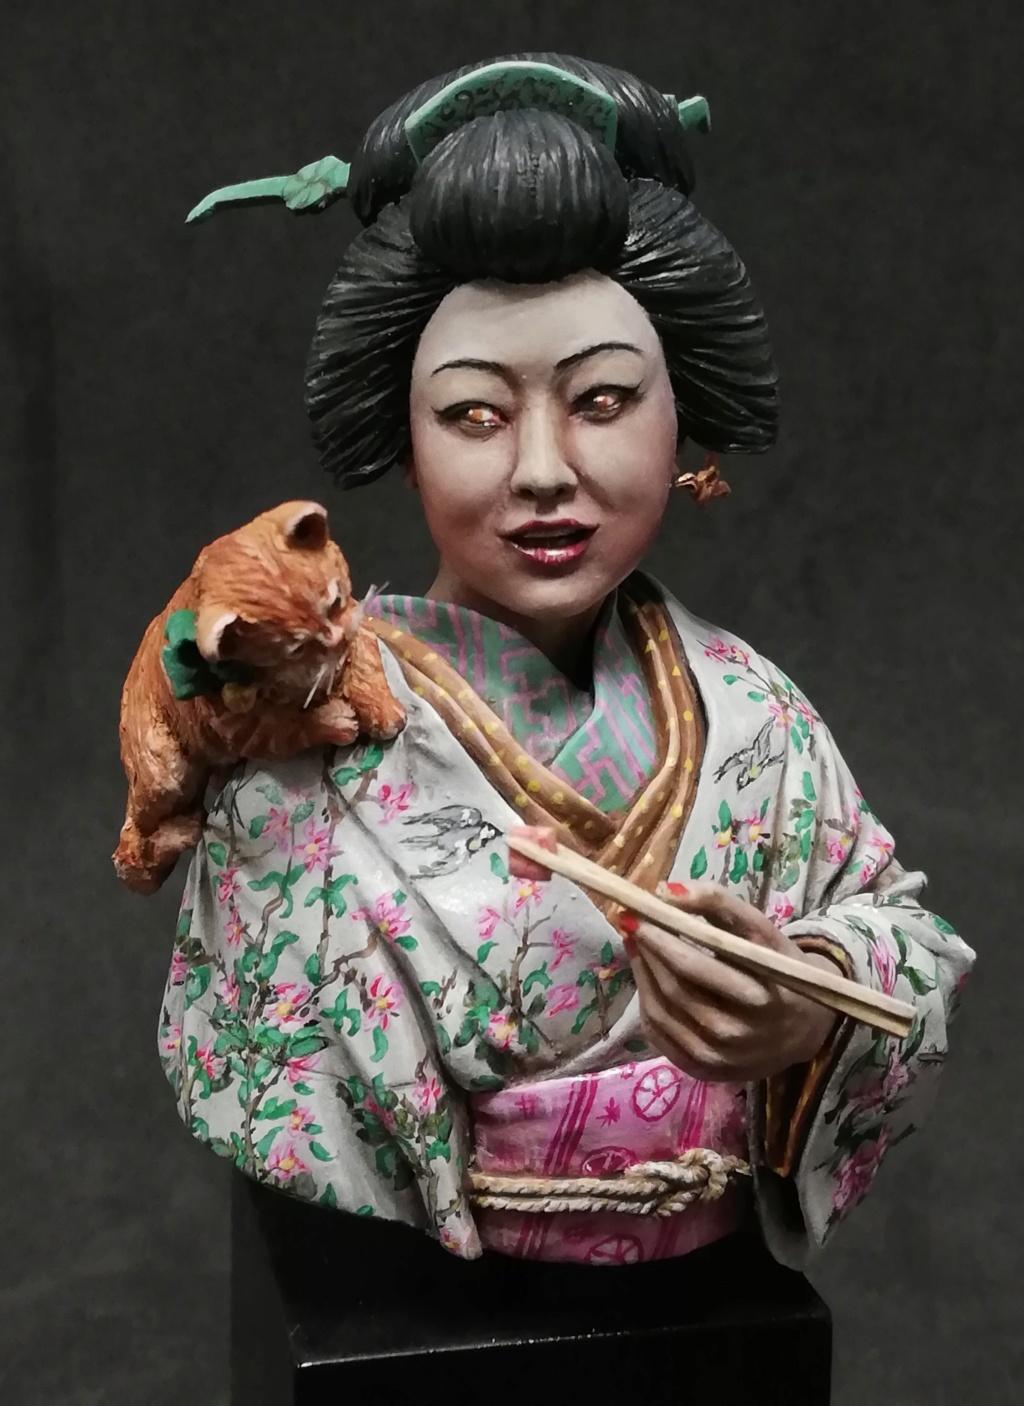 Buste de Geisha terminée - Dernières photos - Page 3 Geisha44